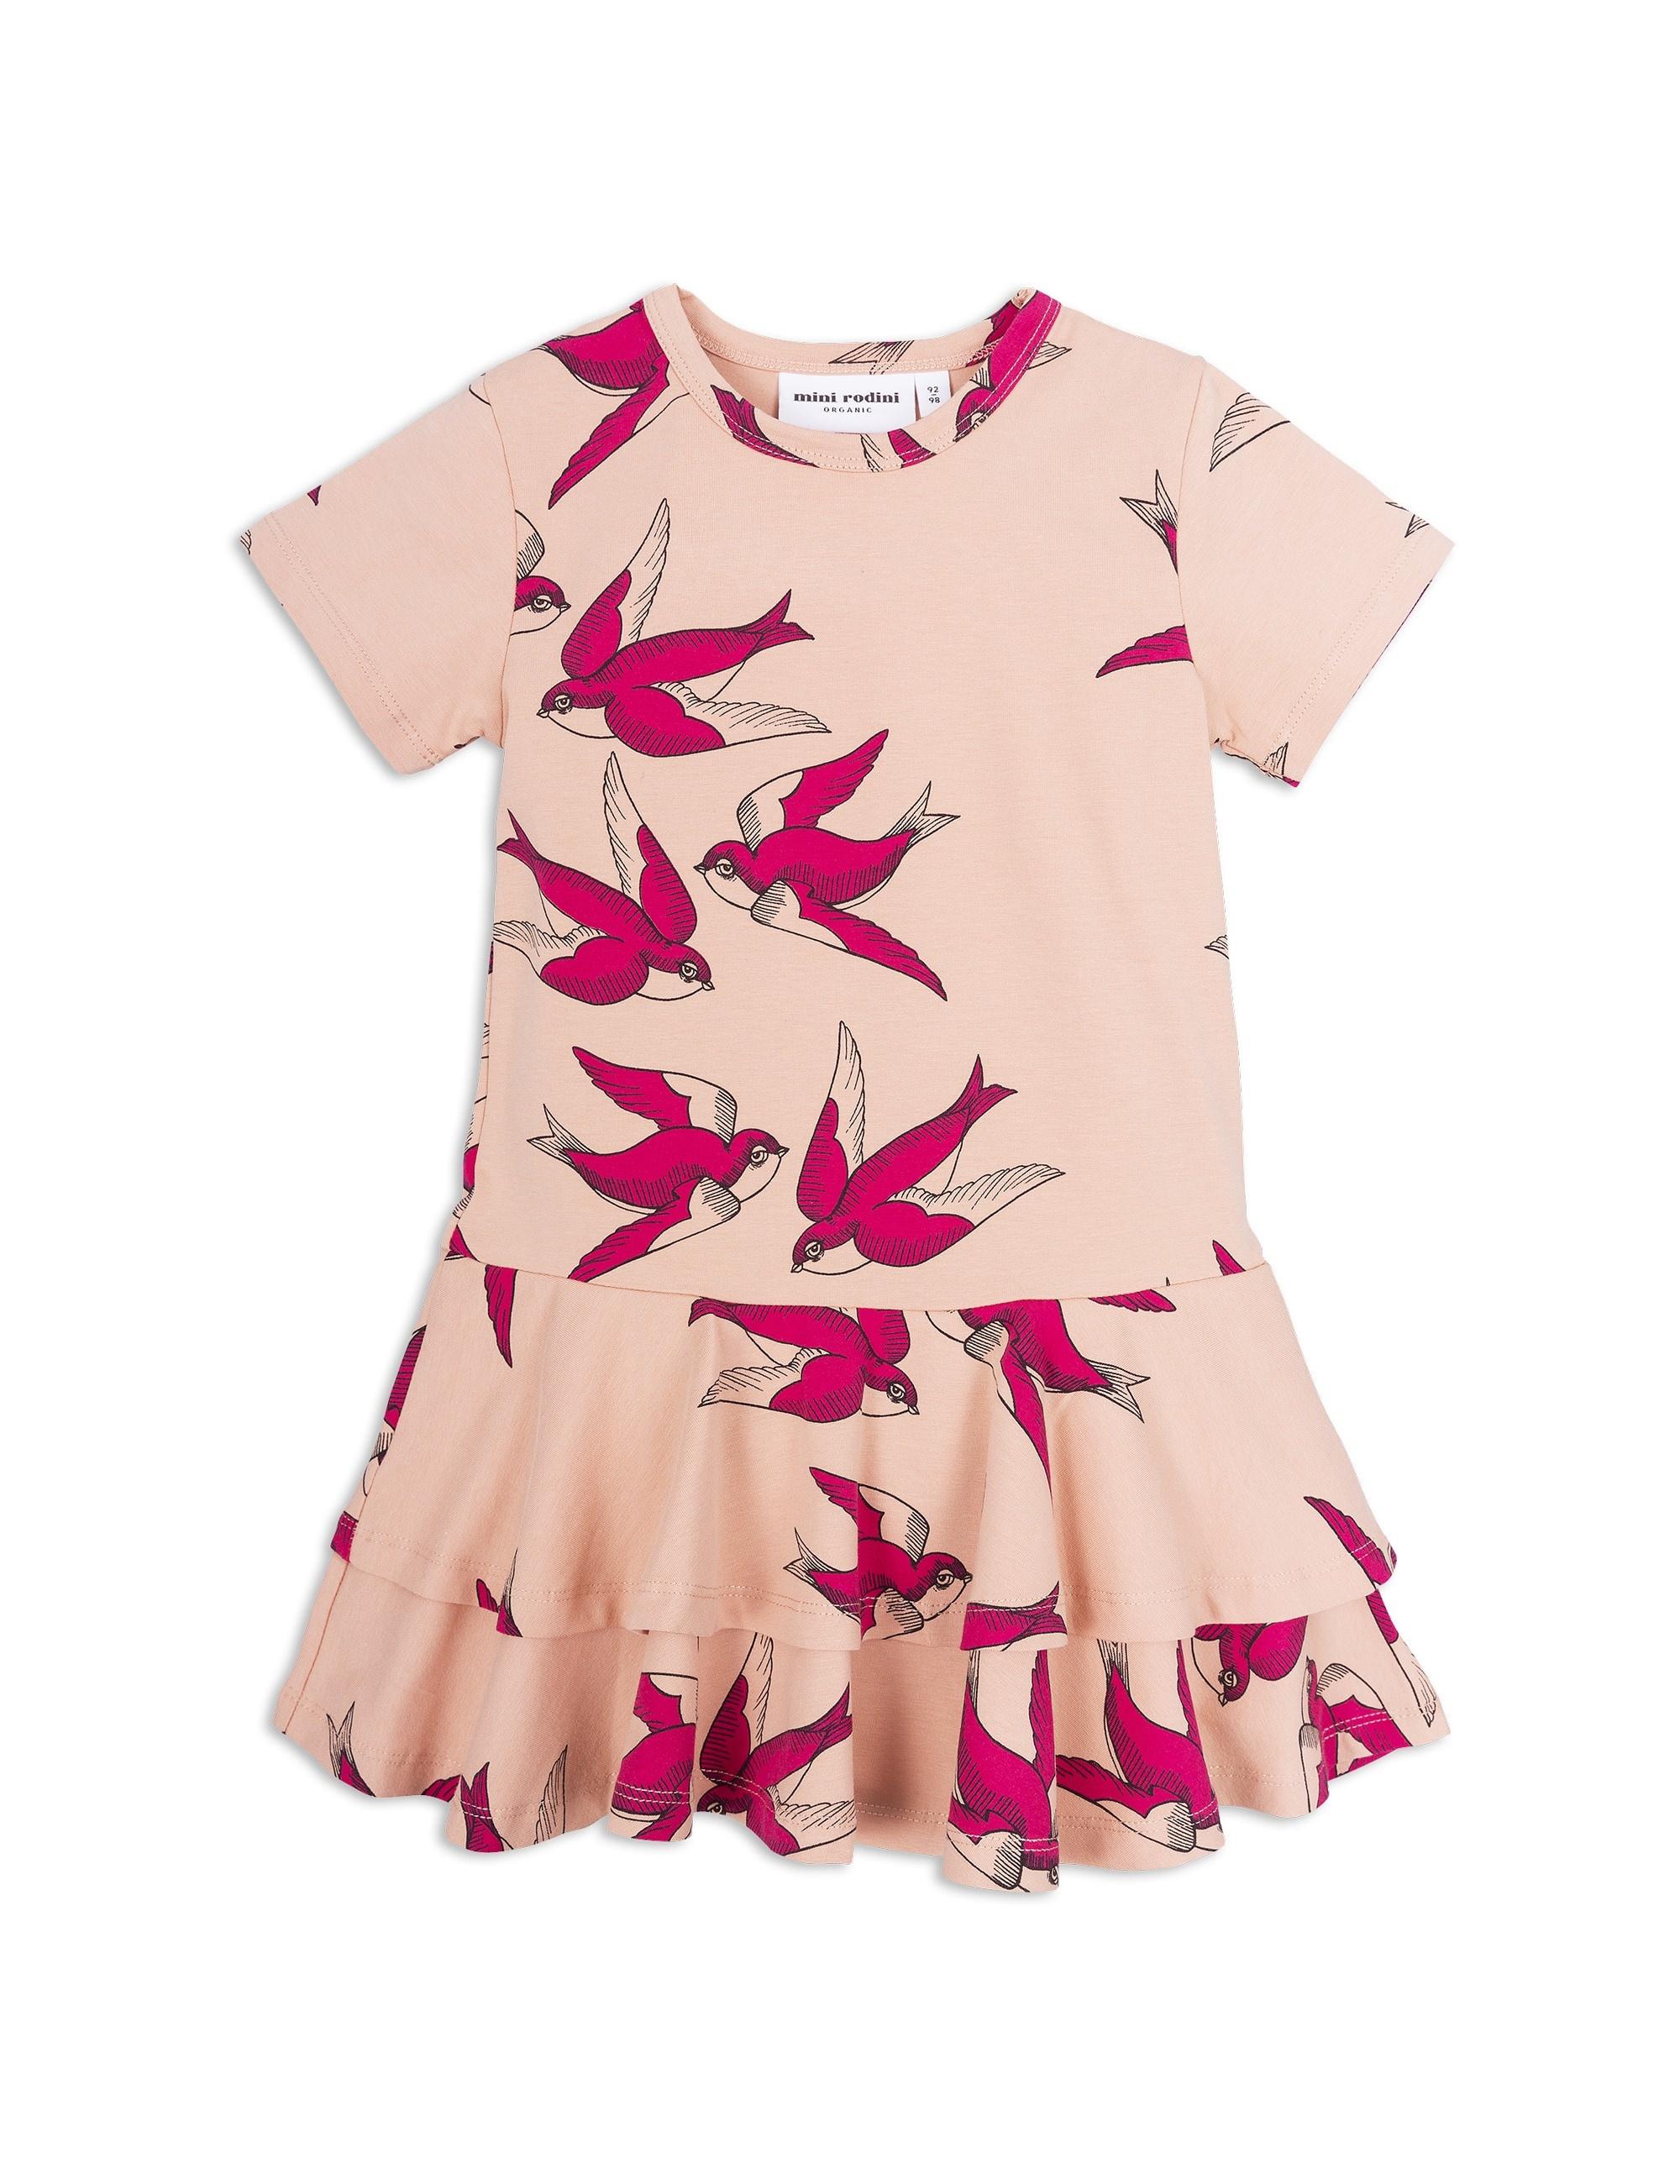 1825014233 1 mini rodini swallows frill dress pink